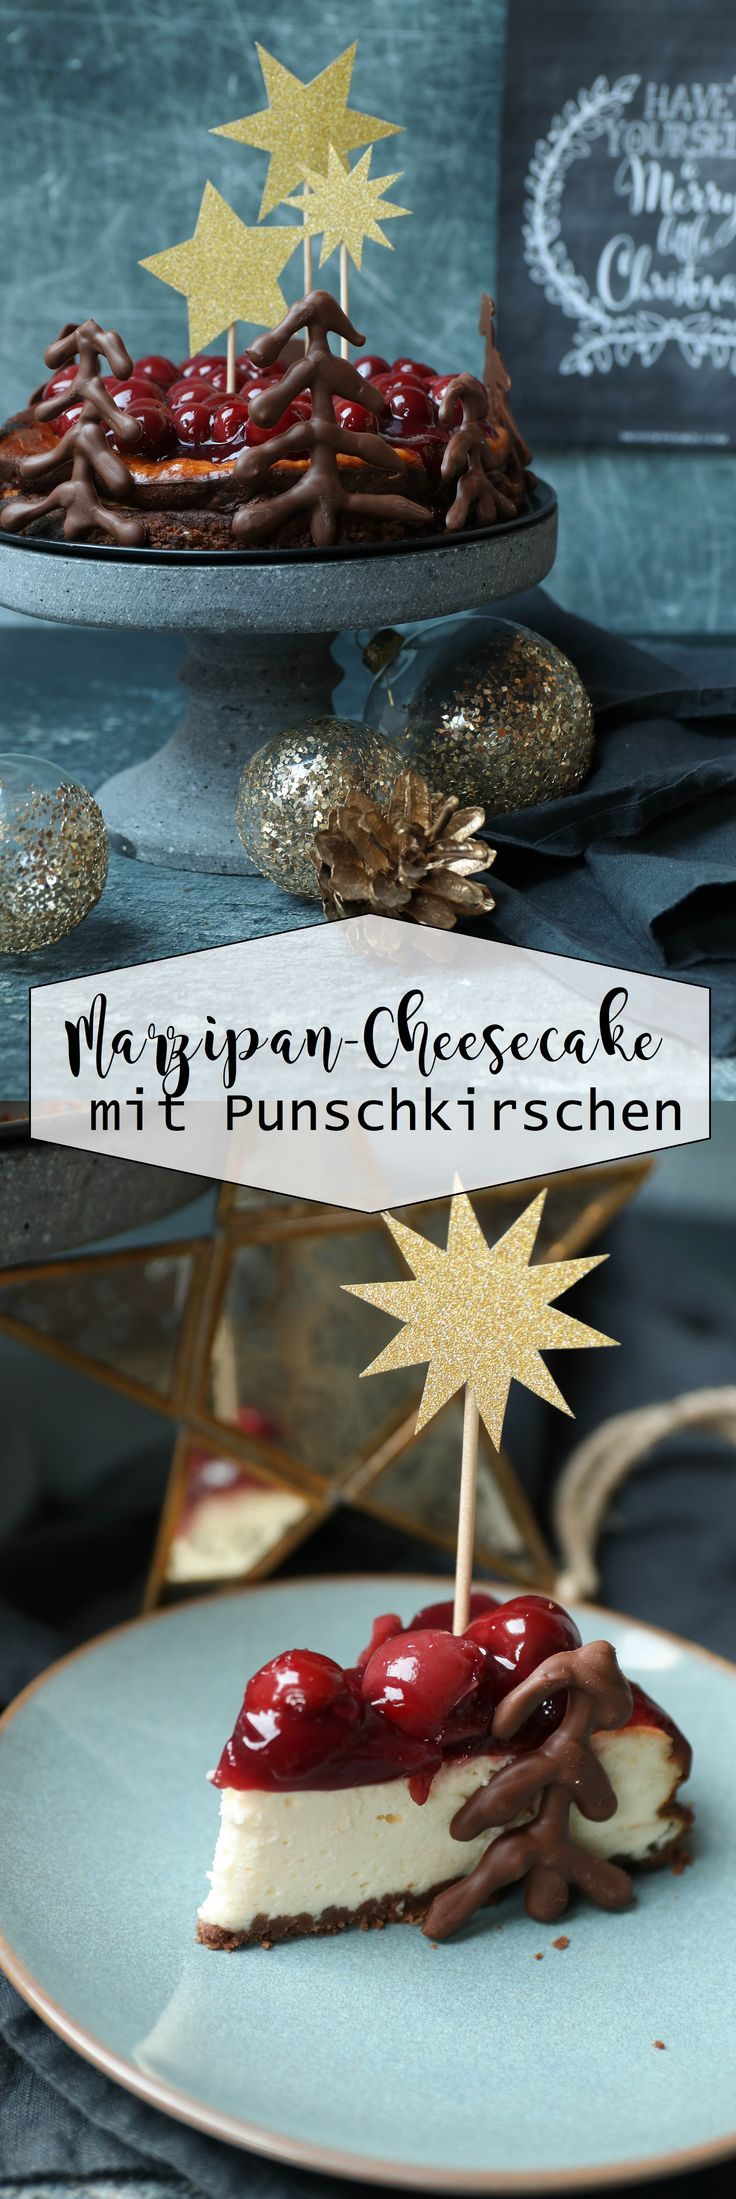 Marzipan Cheesecake mit Punschkirschen